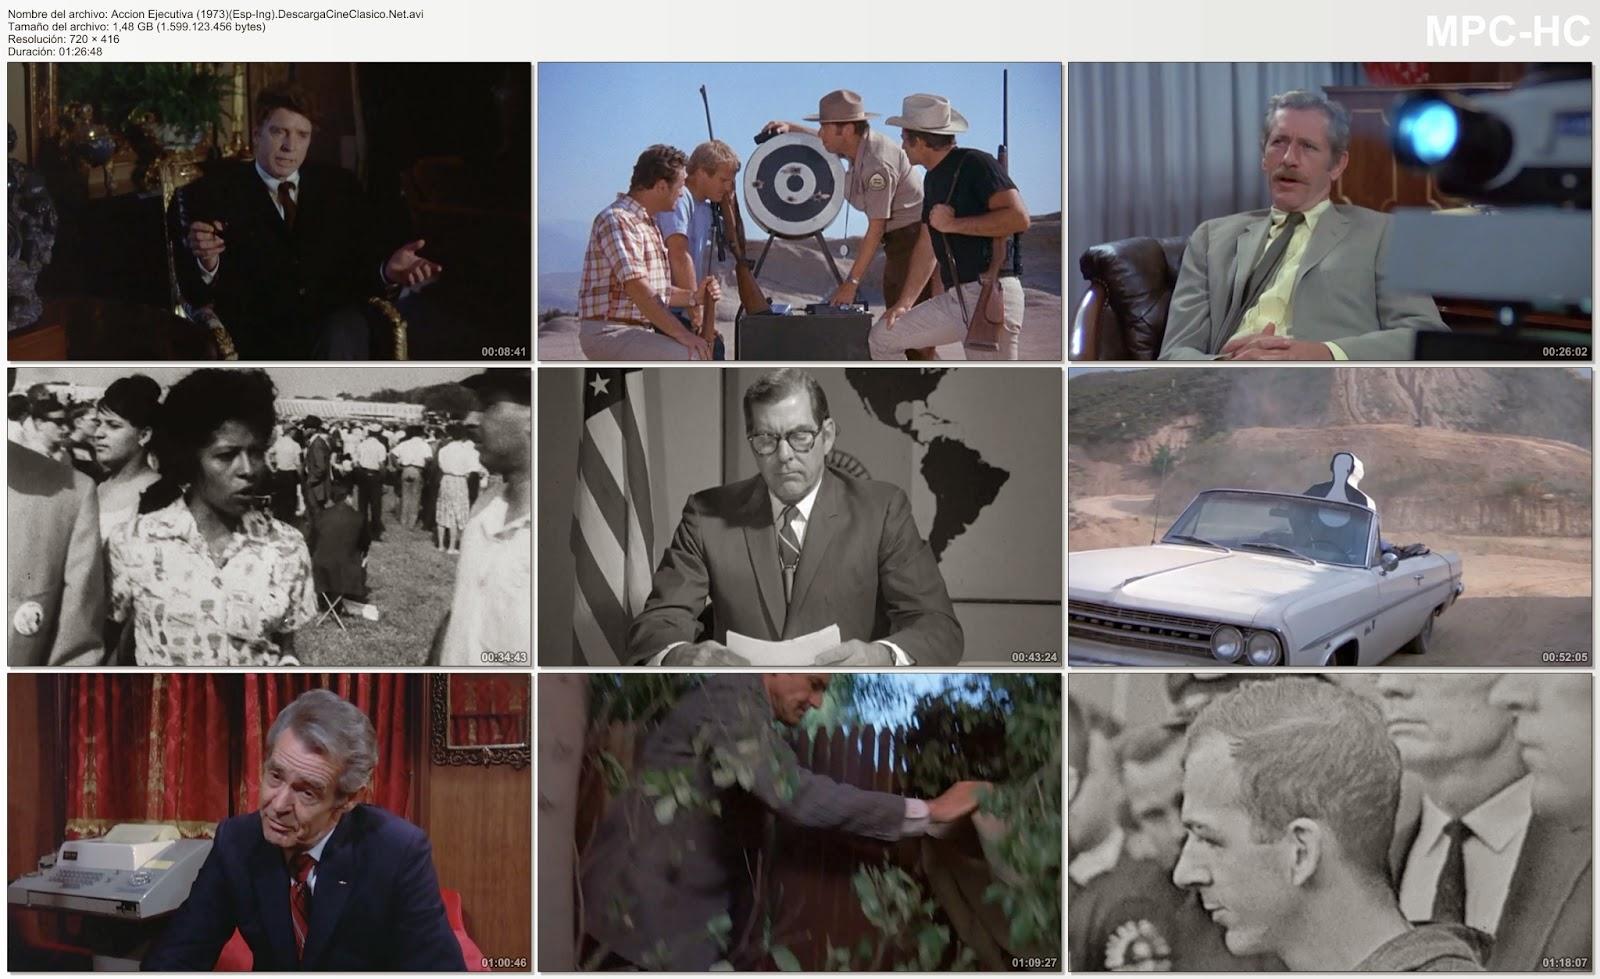 Acción ejecutiva | 1973 | Capturas.. El asesinato de Kennedy